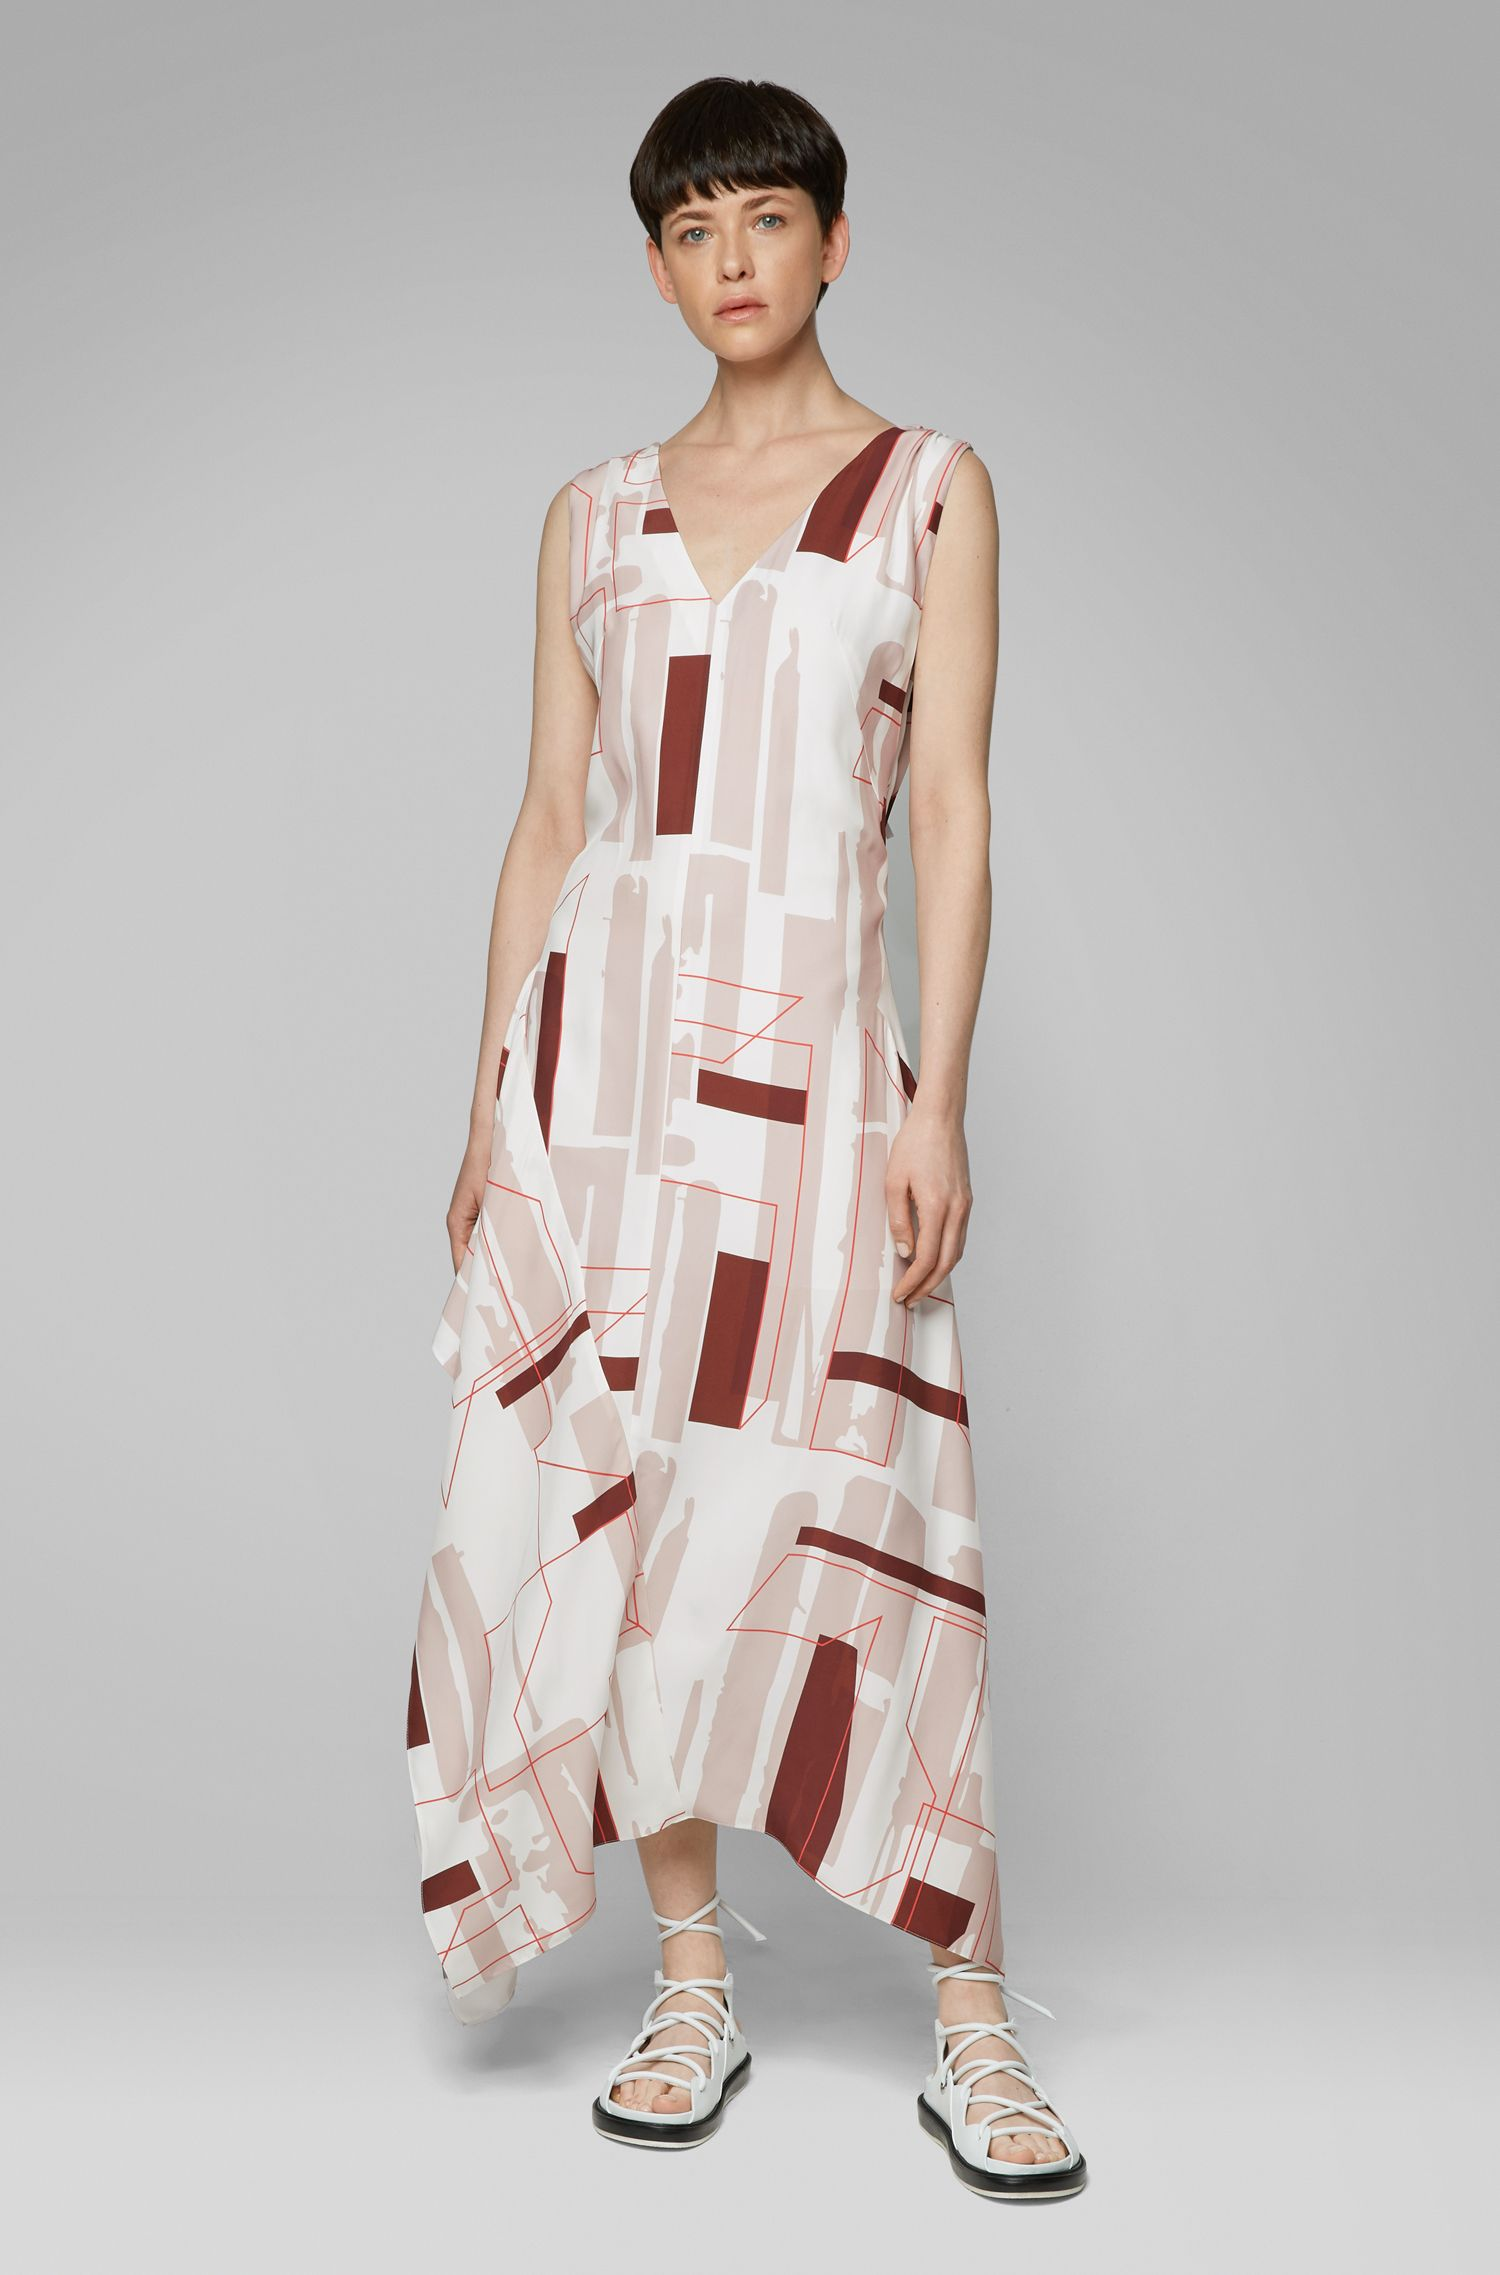 Robe échancrée à col V avec imprimé géométrique, issue de la collection Fashion Show, Fantaisie